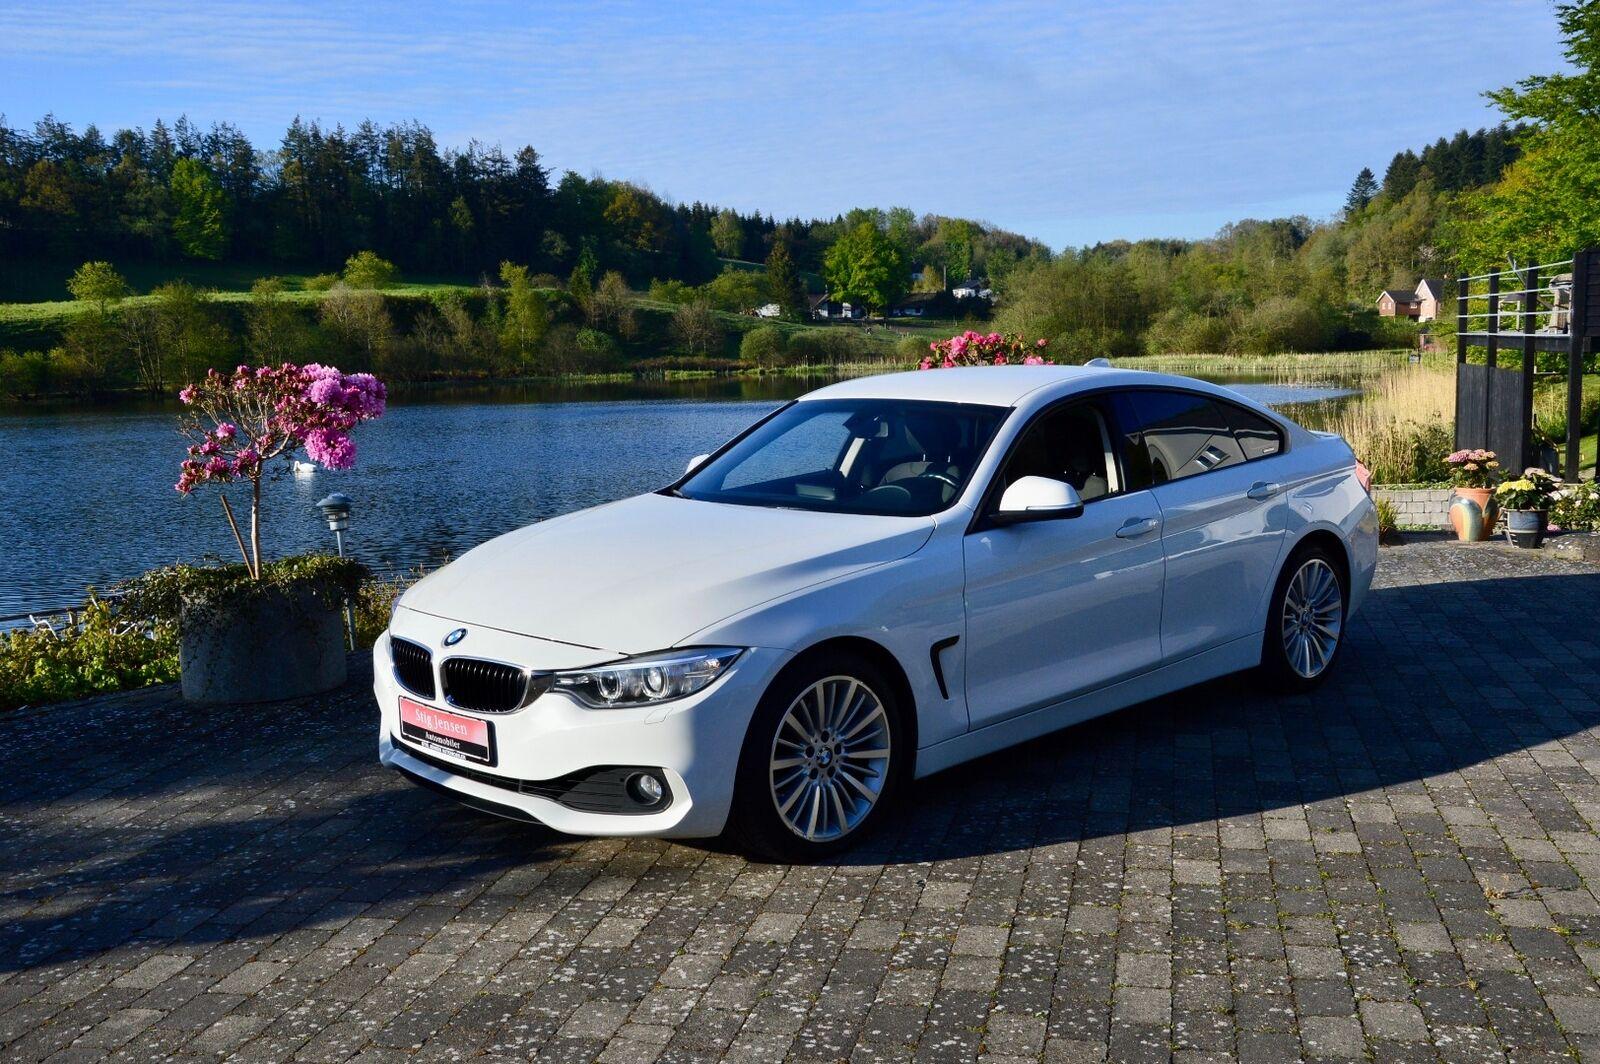 BMW 430d 3,0 Gran Coupé aut. 5d - 339.900 kr.